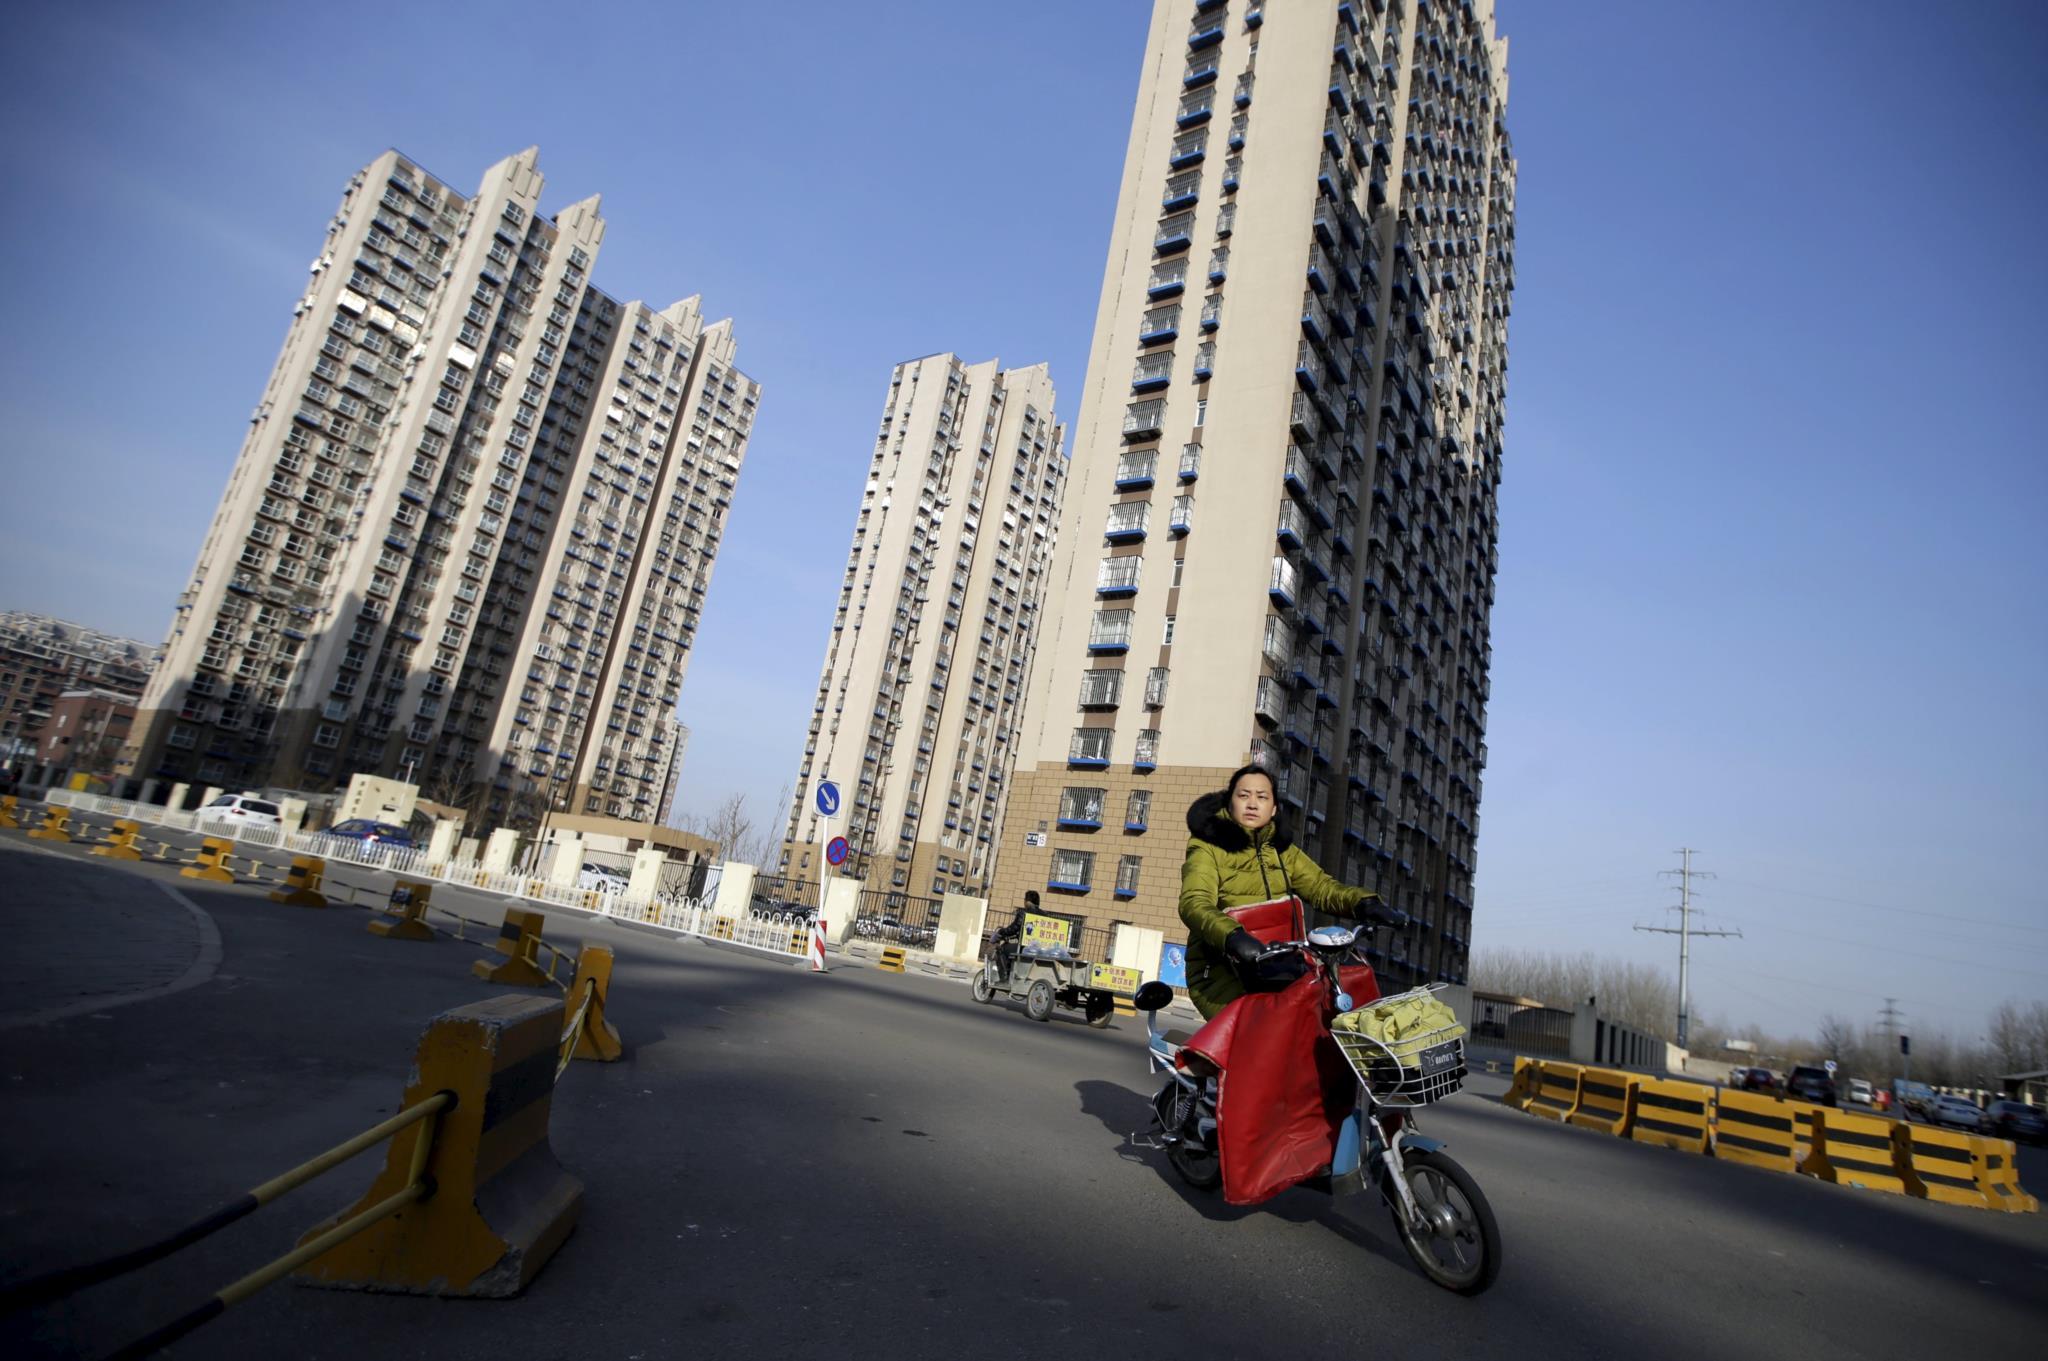 PÚBLICO - Temperatura nas cidades poderá aumentar oito graus centígrados até 2100